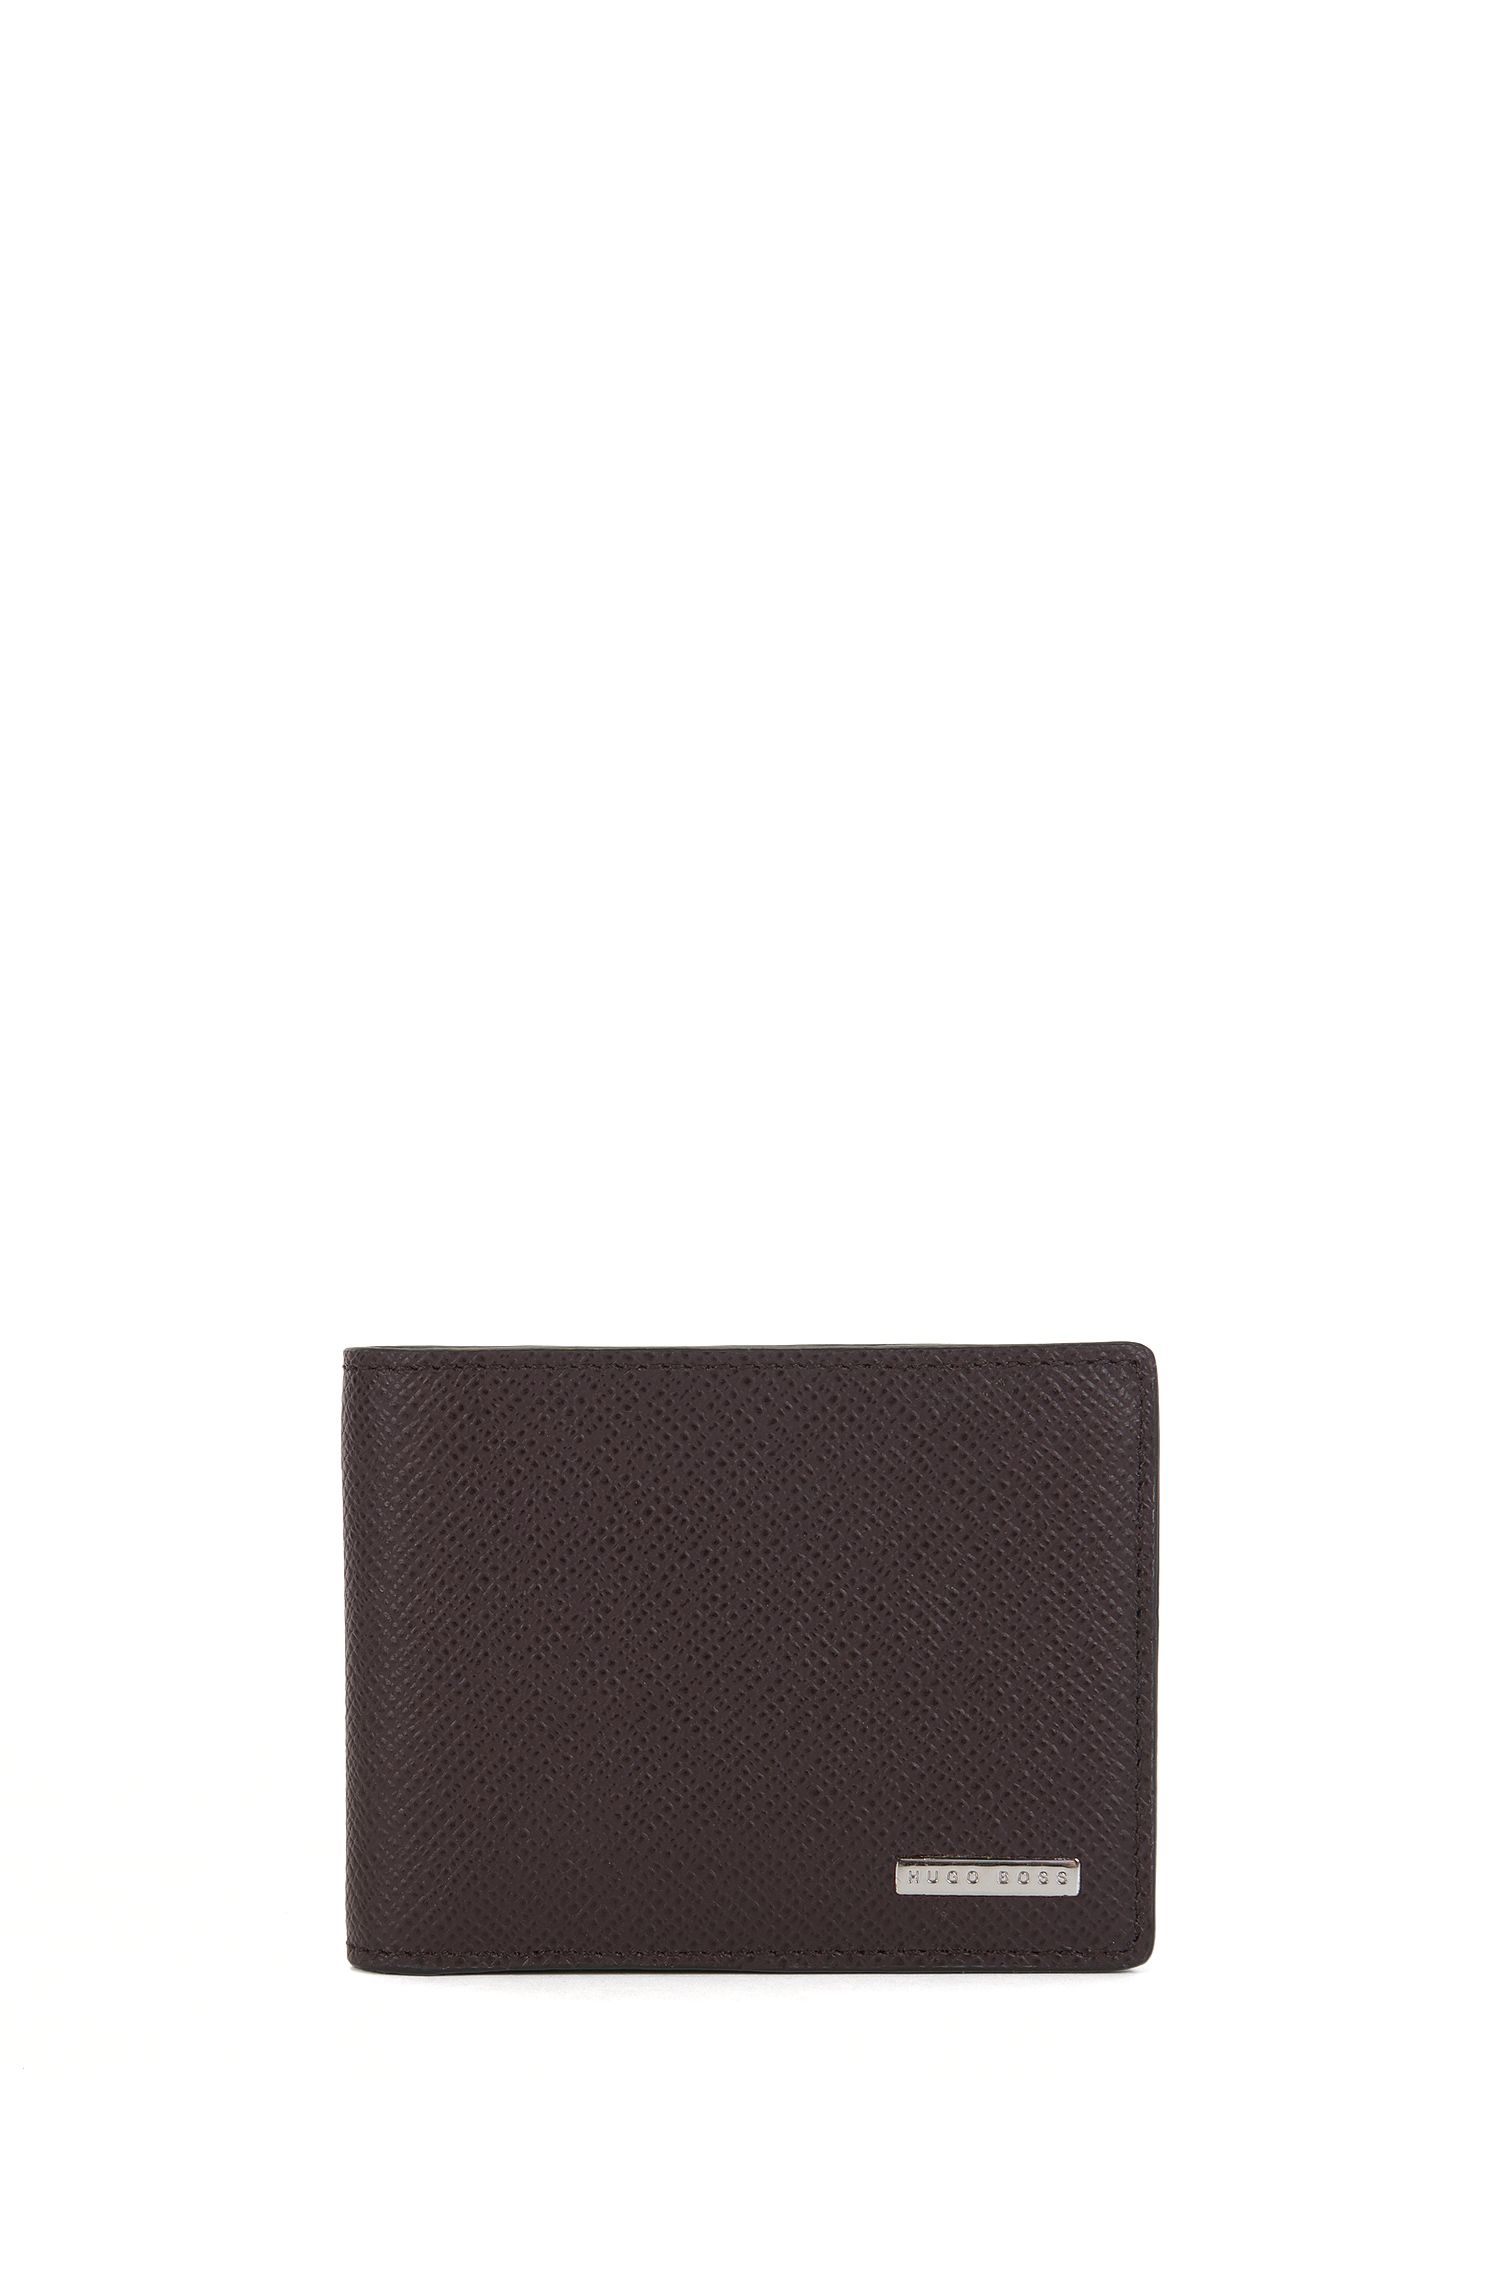 Signature Collection Geldbörse aus Palmellato-Leder